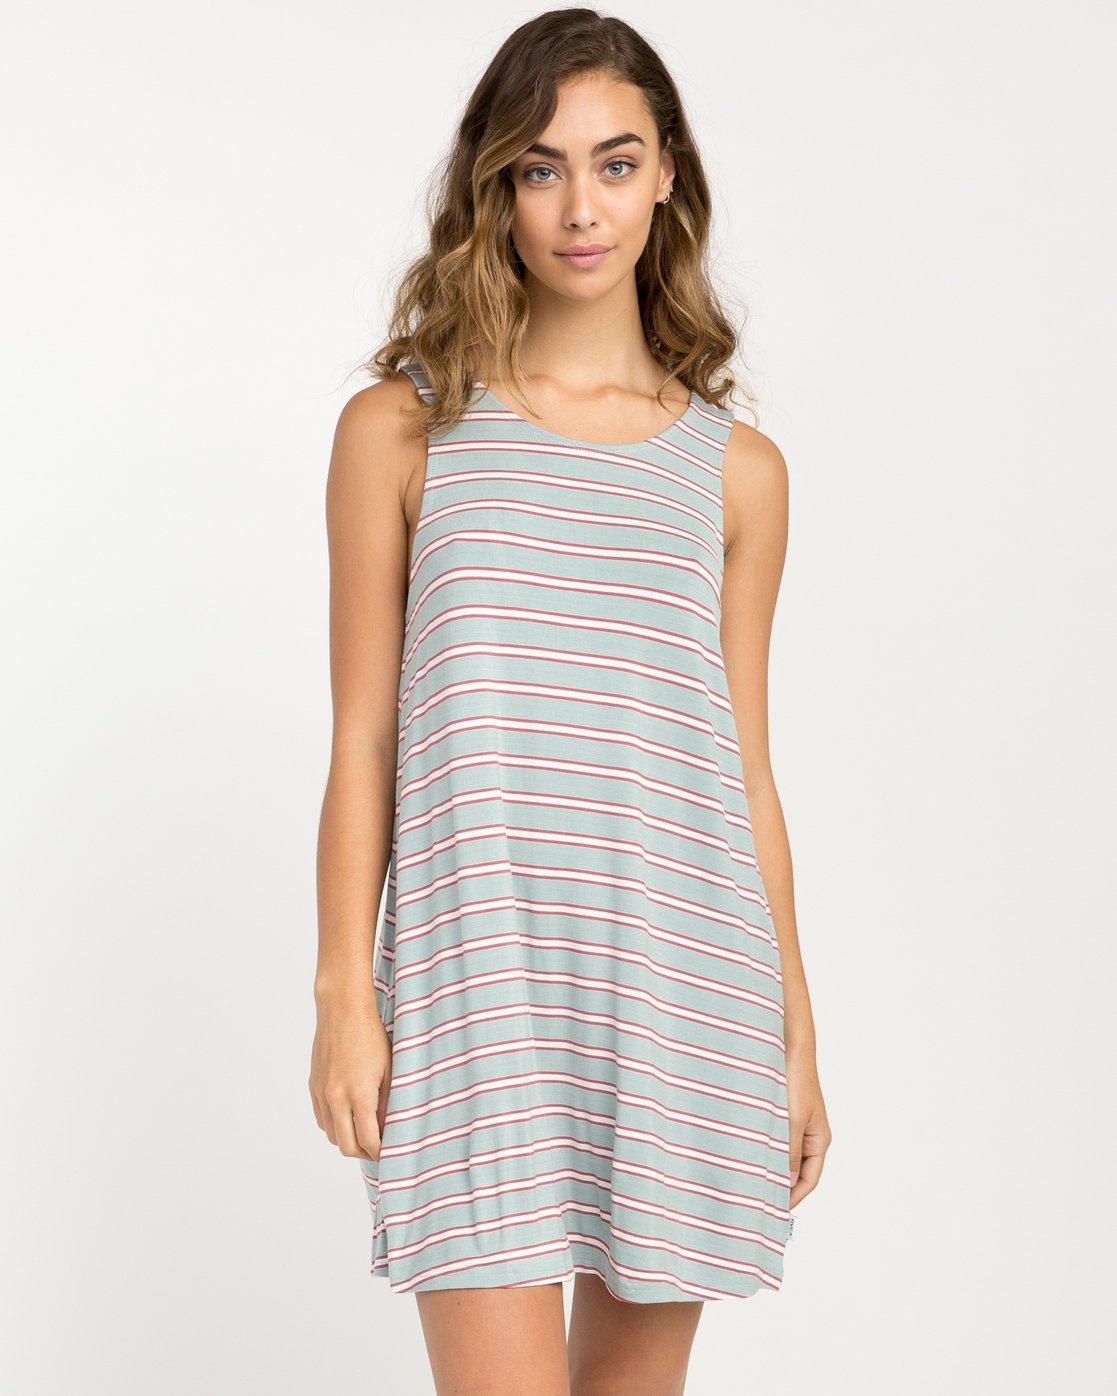 0 Lost Lane Striped Swing Dress Blue WD13PRLO RVCA